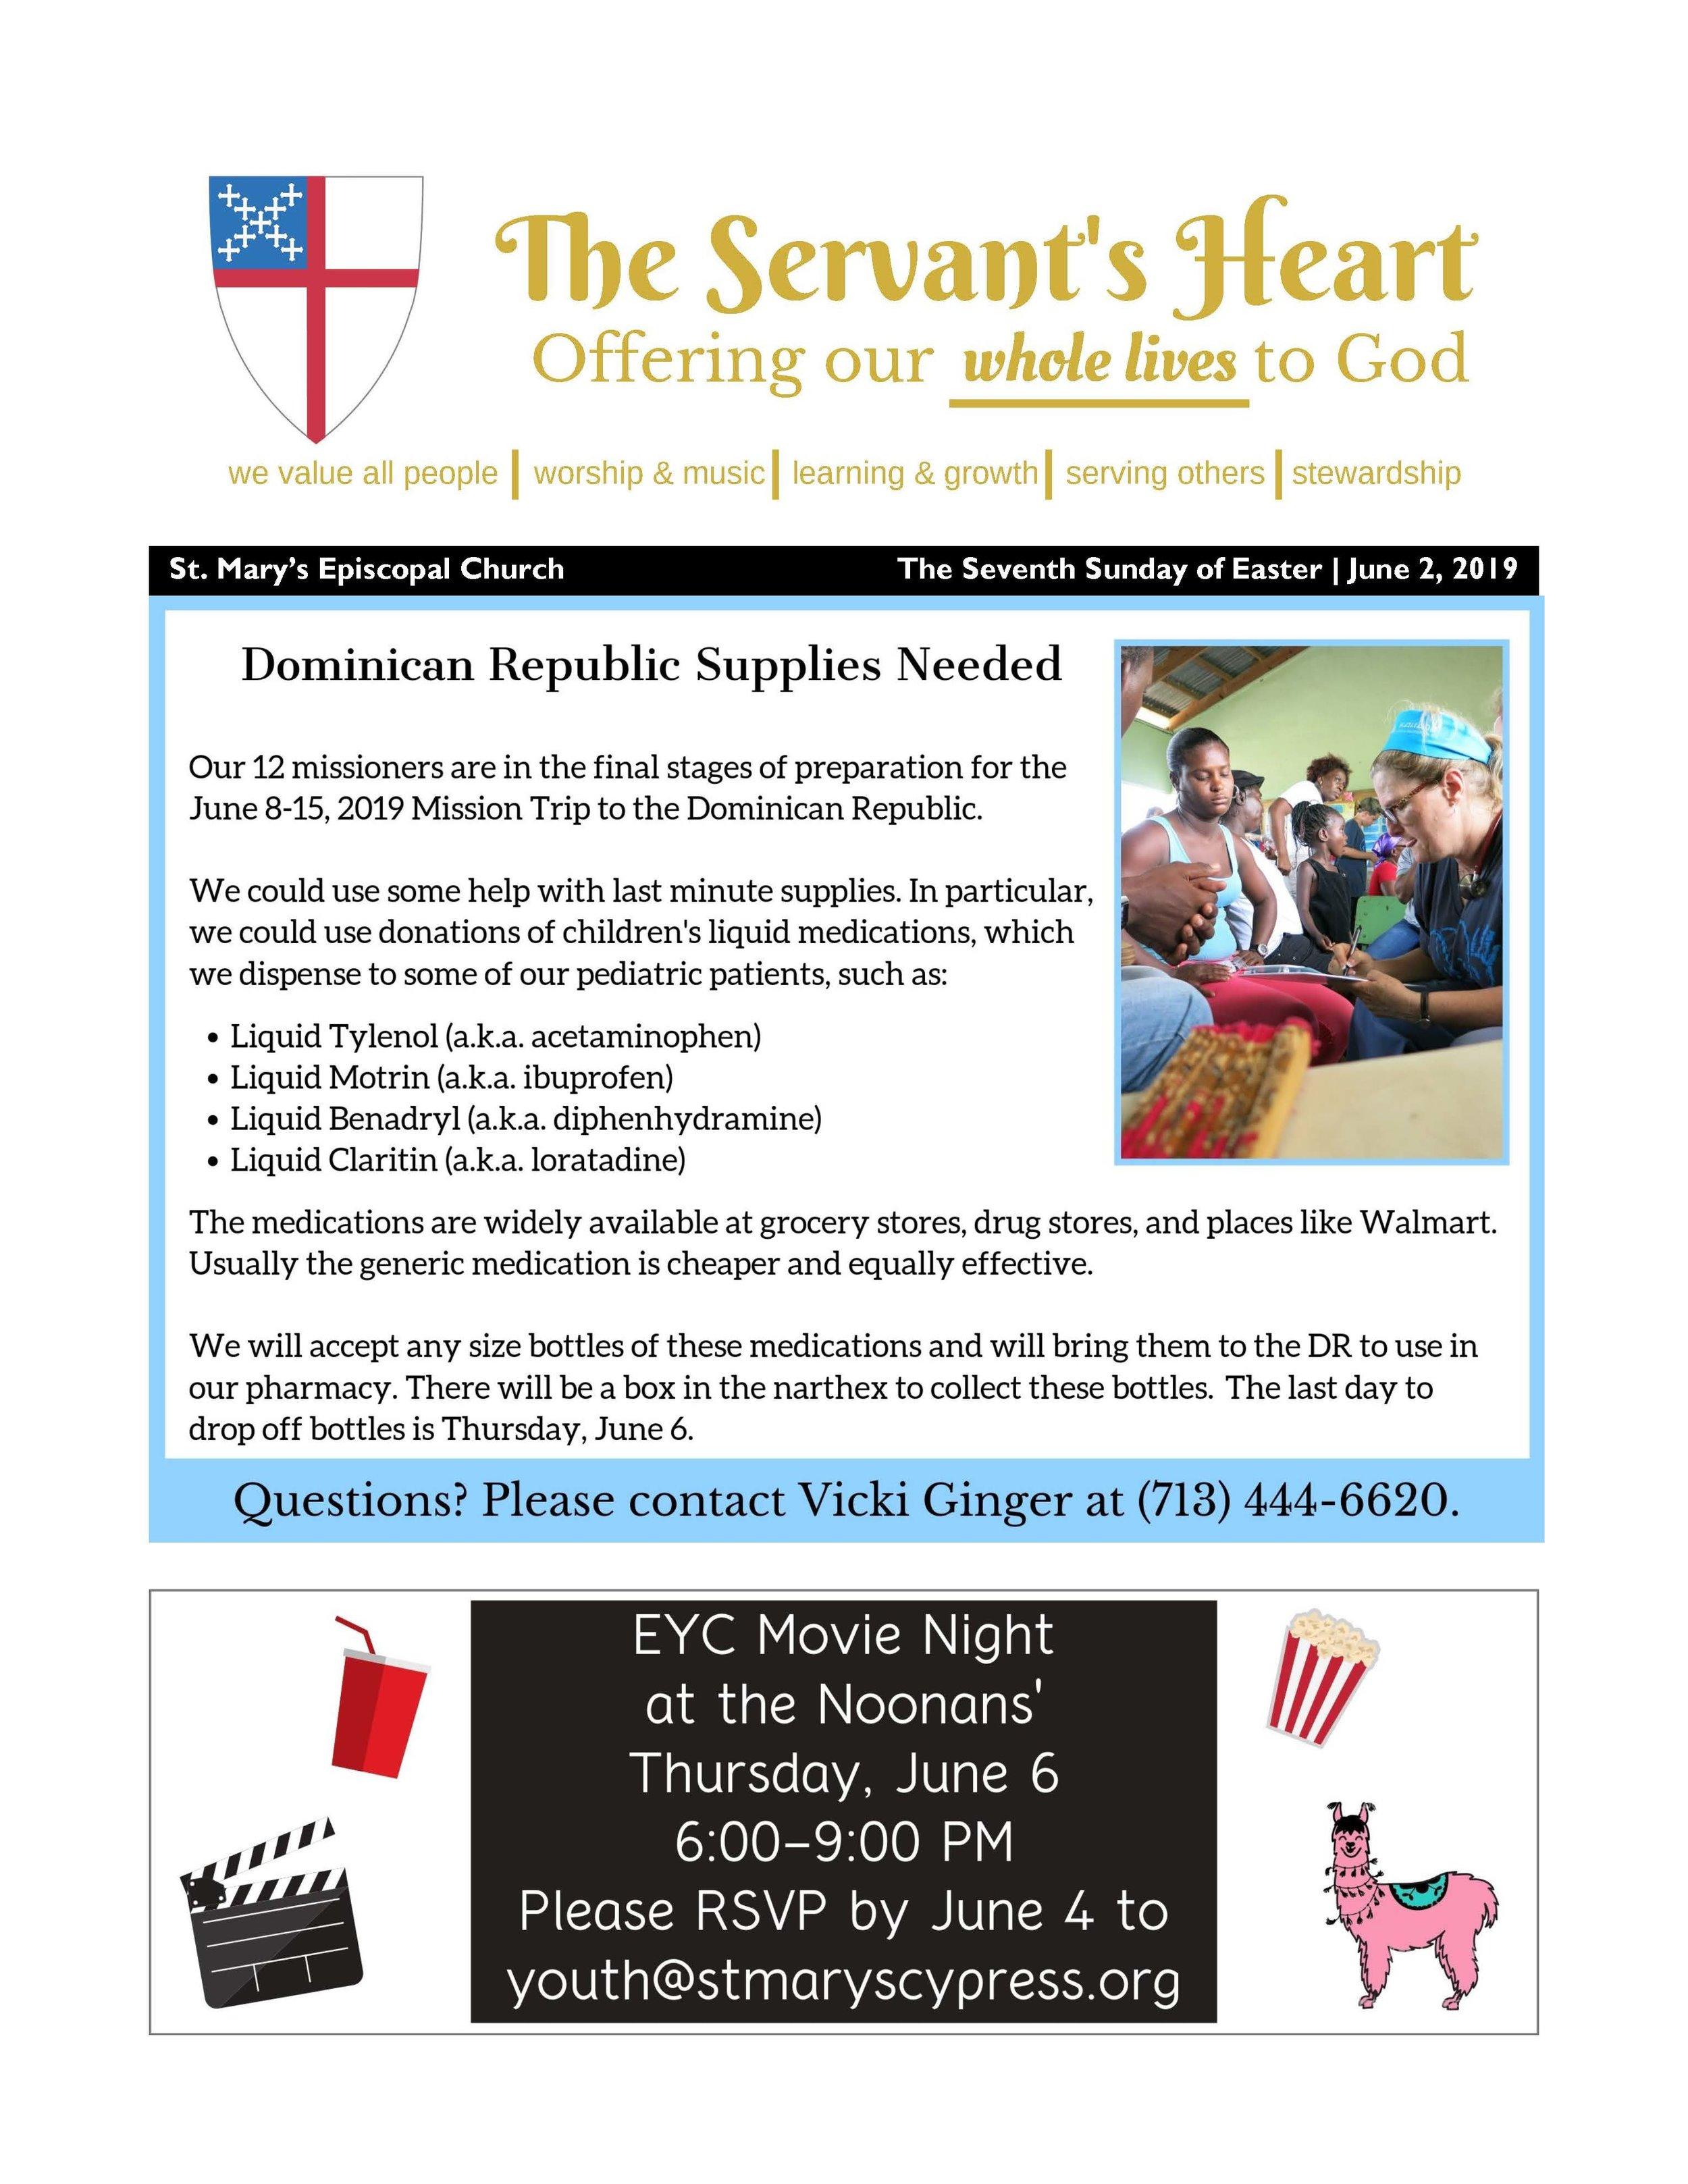 06 02 19 Servant's Heart.jpg